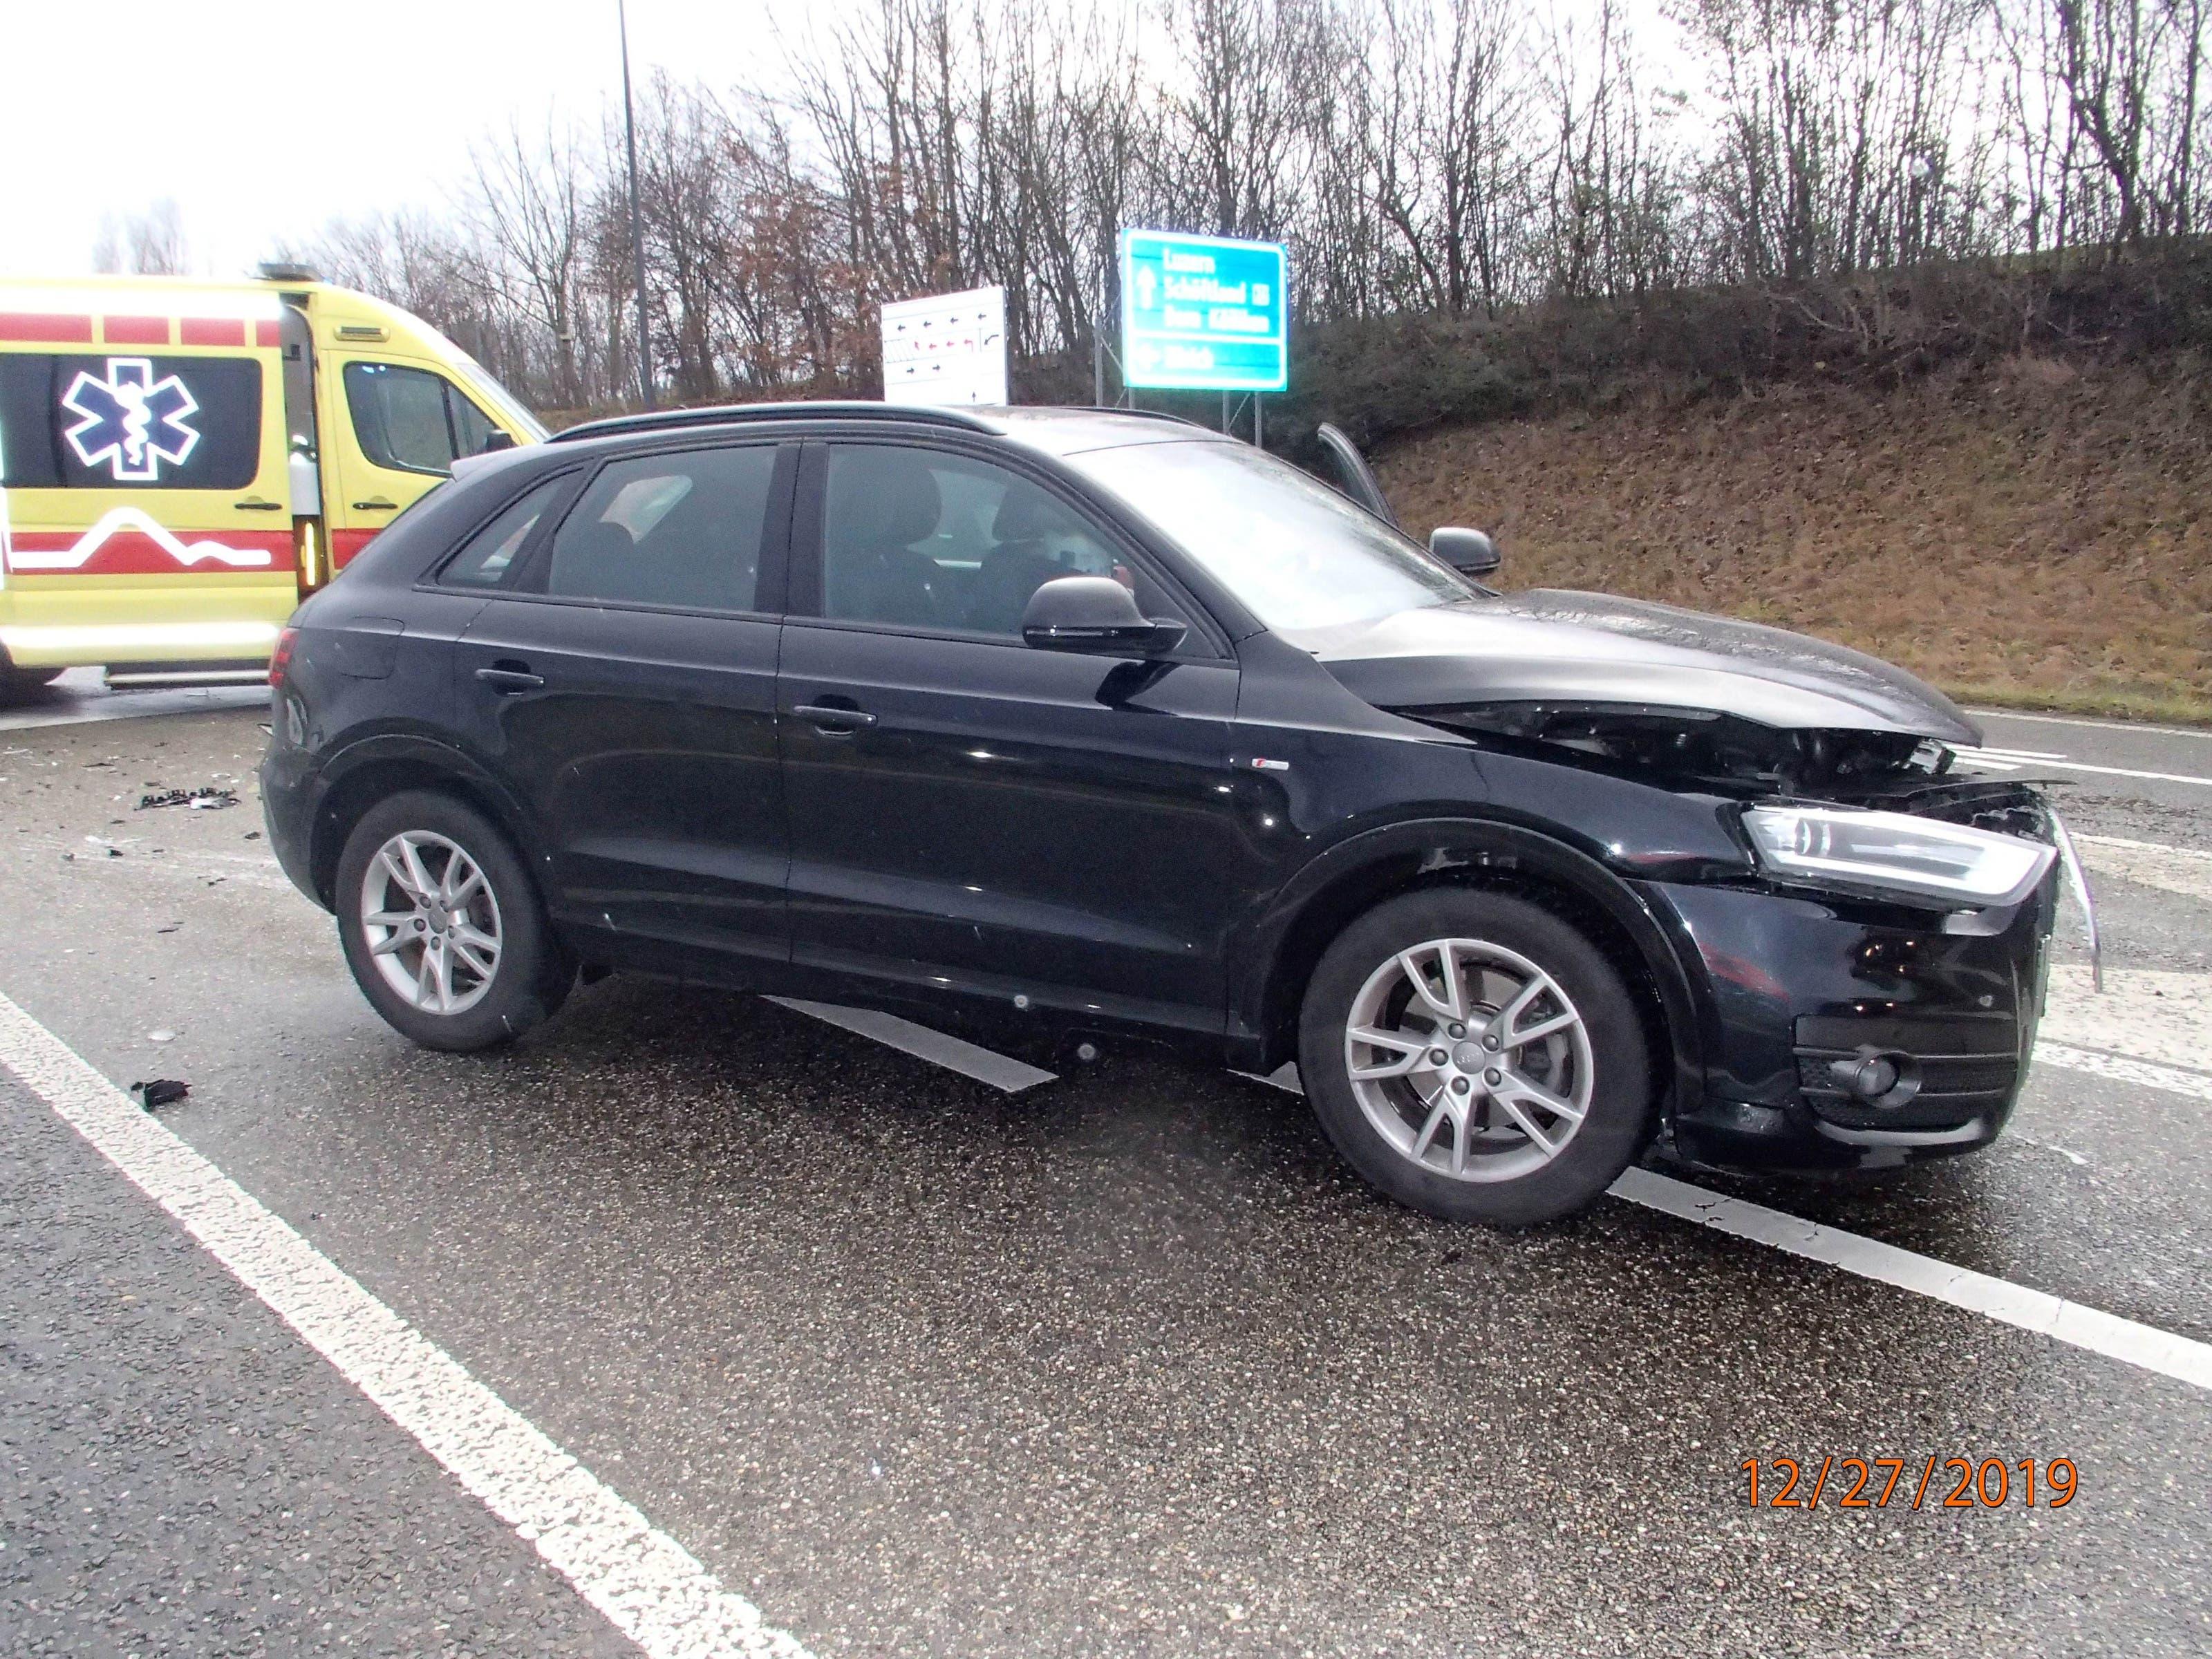 Kölliken AG, 28.Dezember: Innerhalb von 6 Stunden ereigneten sich in Kölliken auf der gleichen Strecke zwei Verkehrsunfälle. Bei einem Unfall erlitten zwei Personen eine leichte Verletzung. Eine Lenkerin musste ihren Führerausweis abgeben.